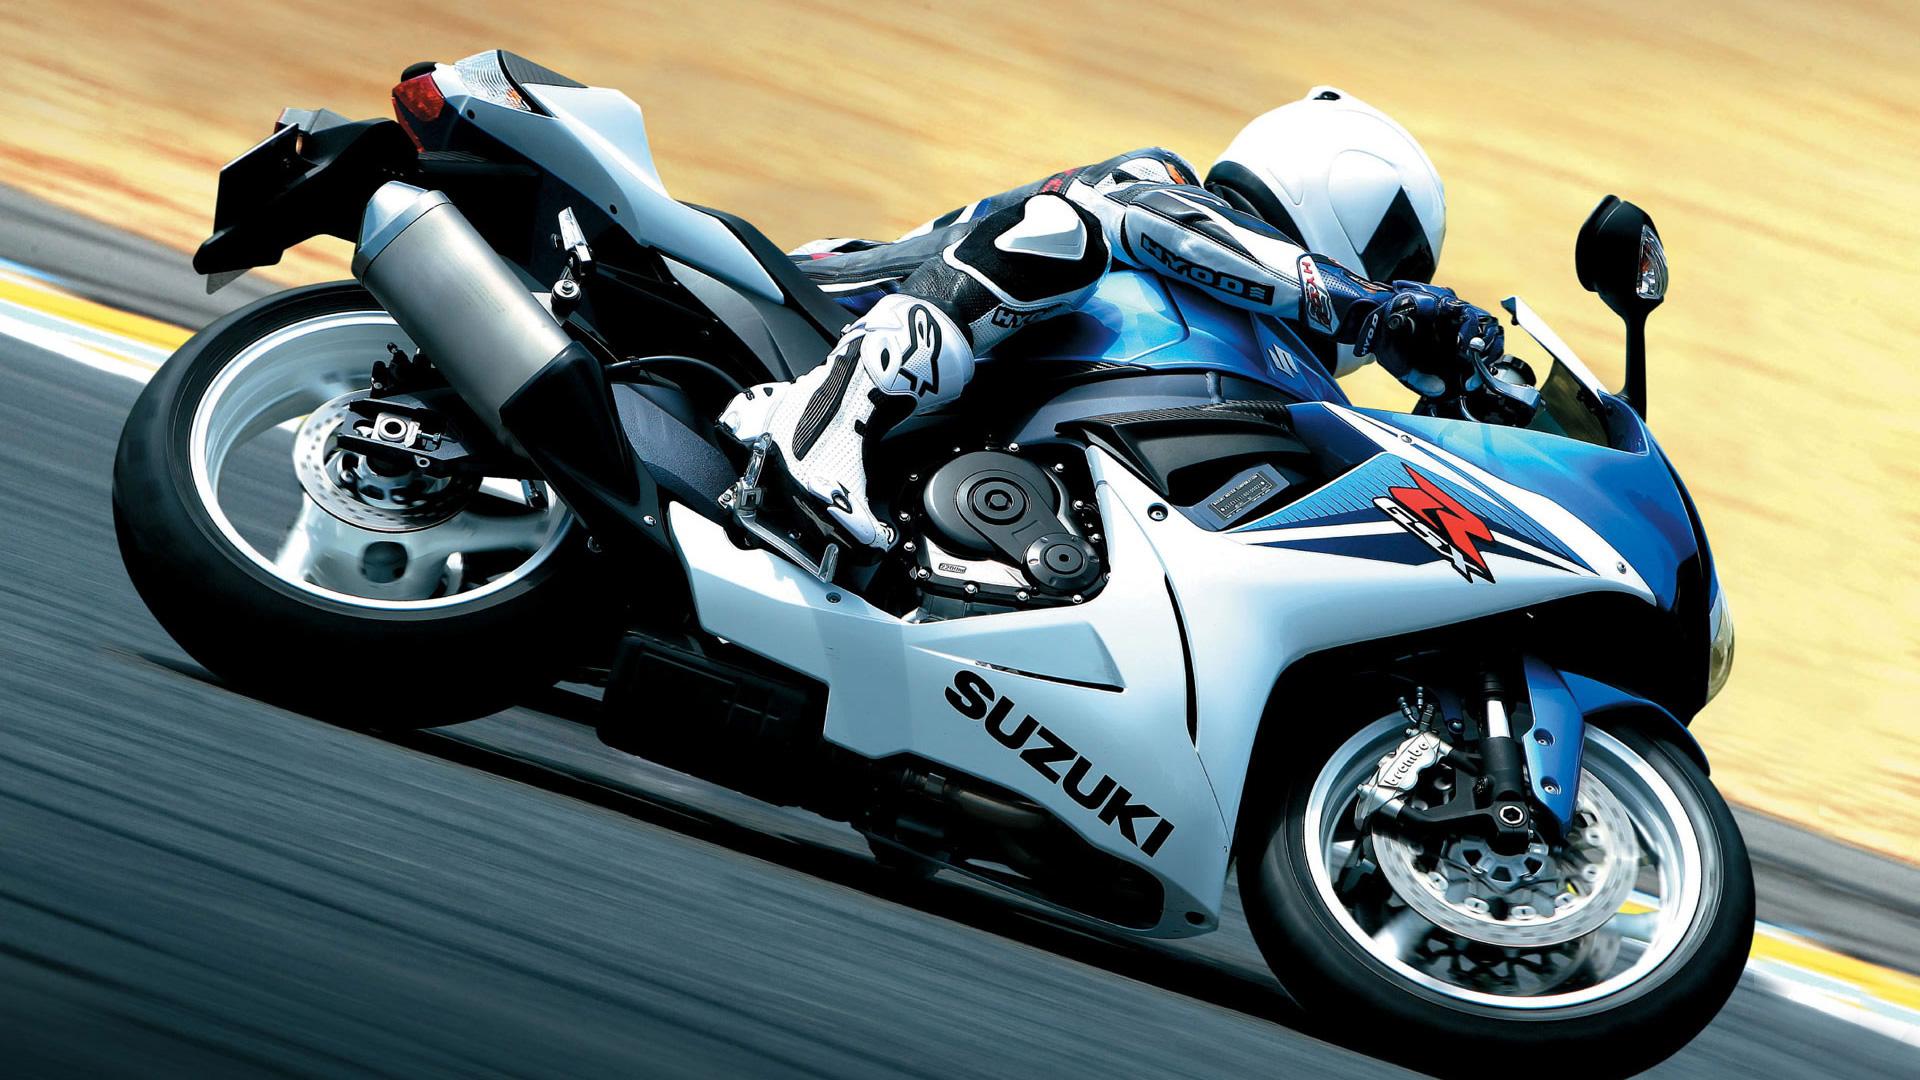 Suzuki GSX R 750 HD Wallpaper HDBikeWallpaperscom 1920x1080